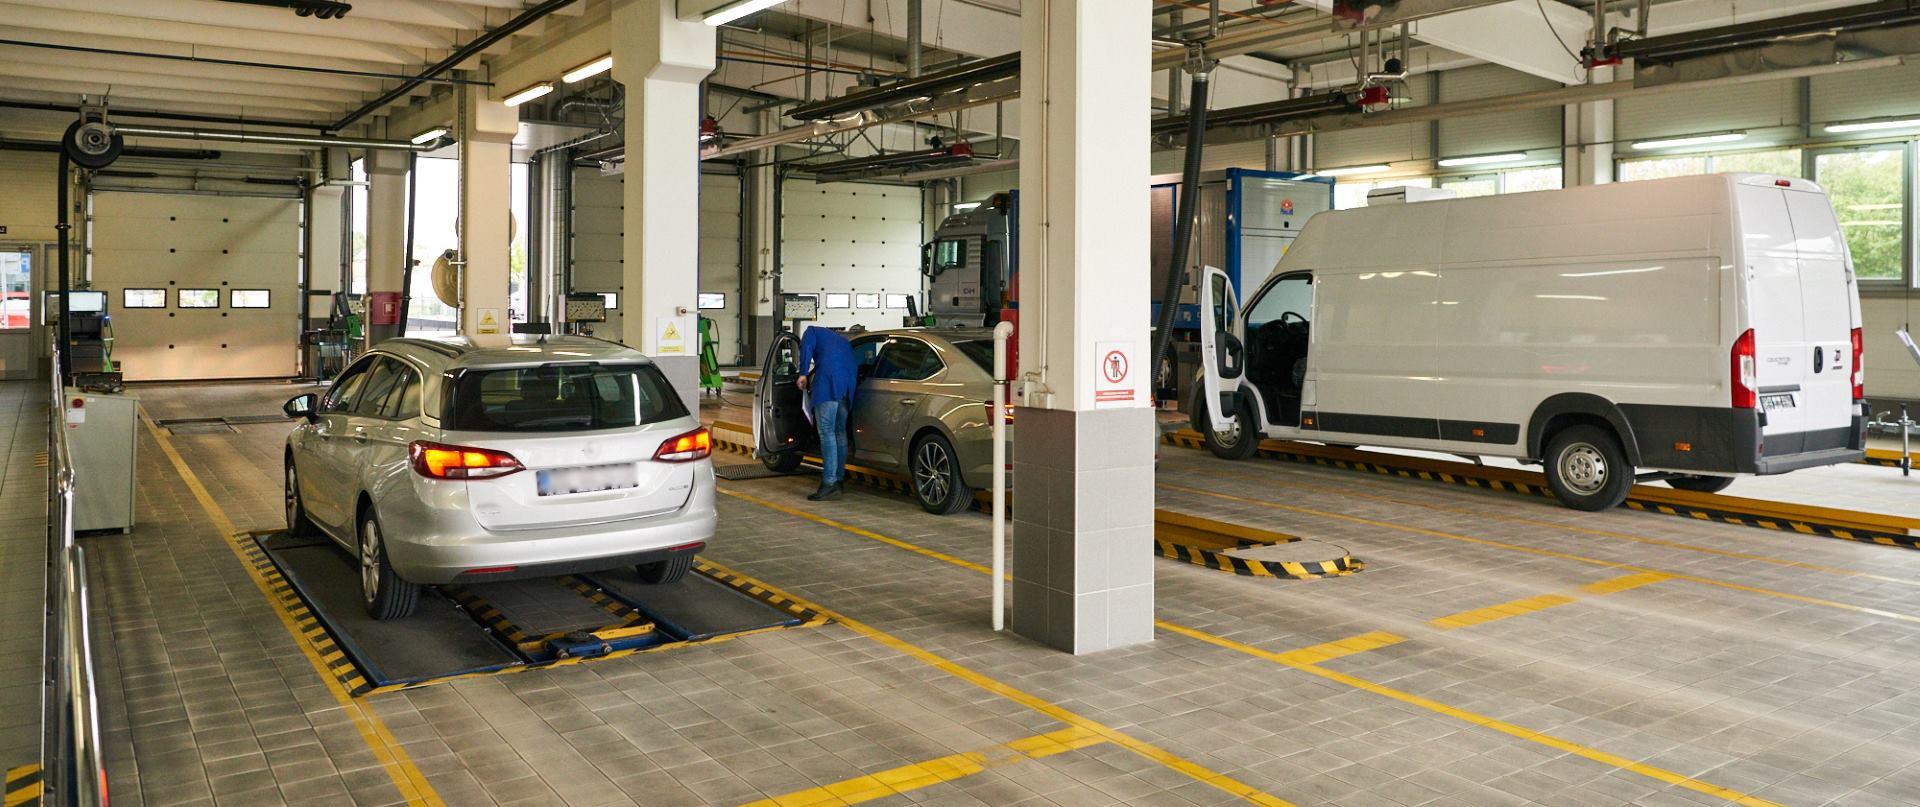 Alarmantni rezultati istraživanja na projektu 'Provjera tehničke ispravnosti vozila'